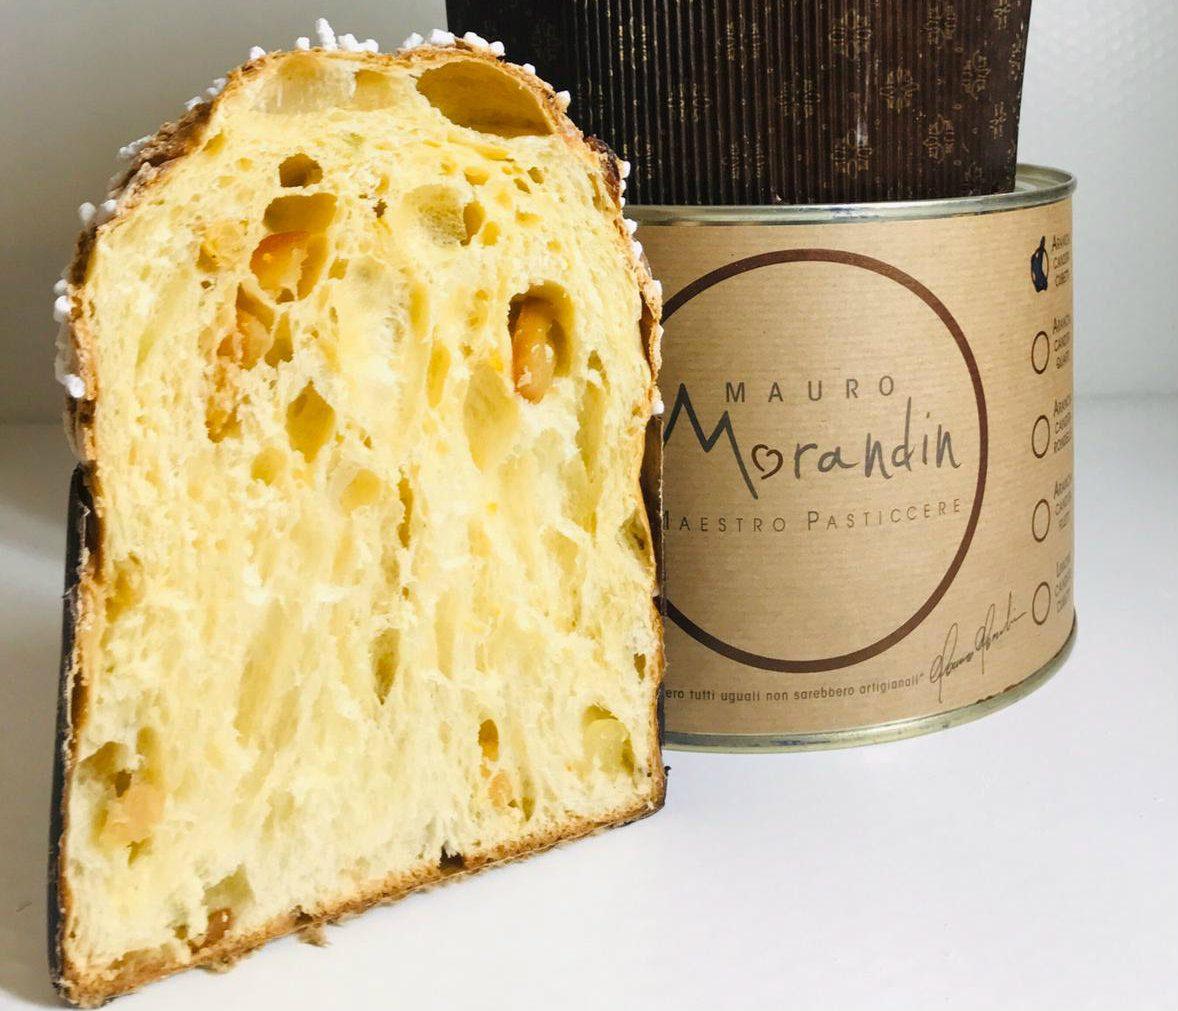 Migliori panettoni artigianali: i panettoni di Mauro Morandin